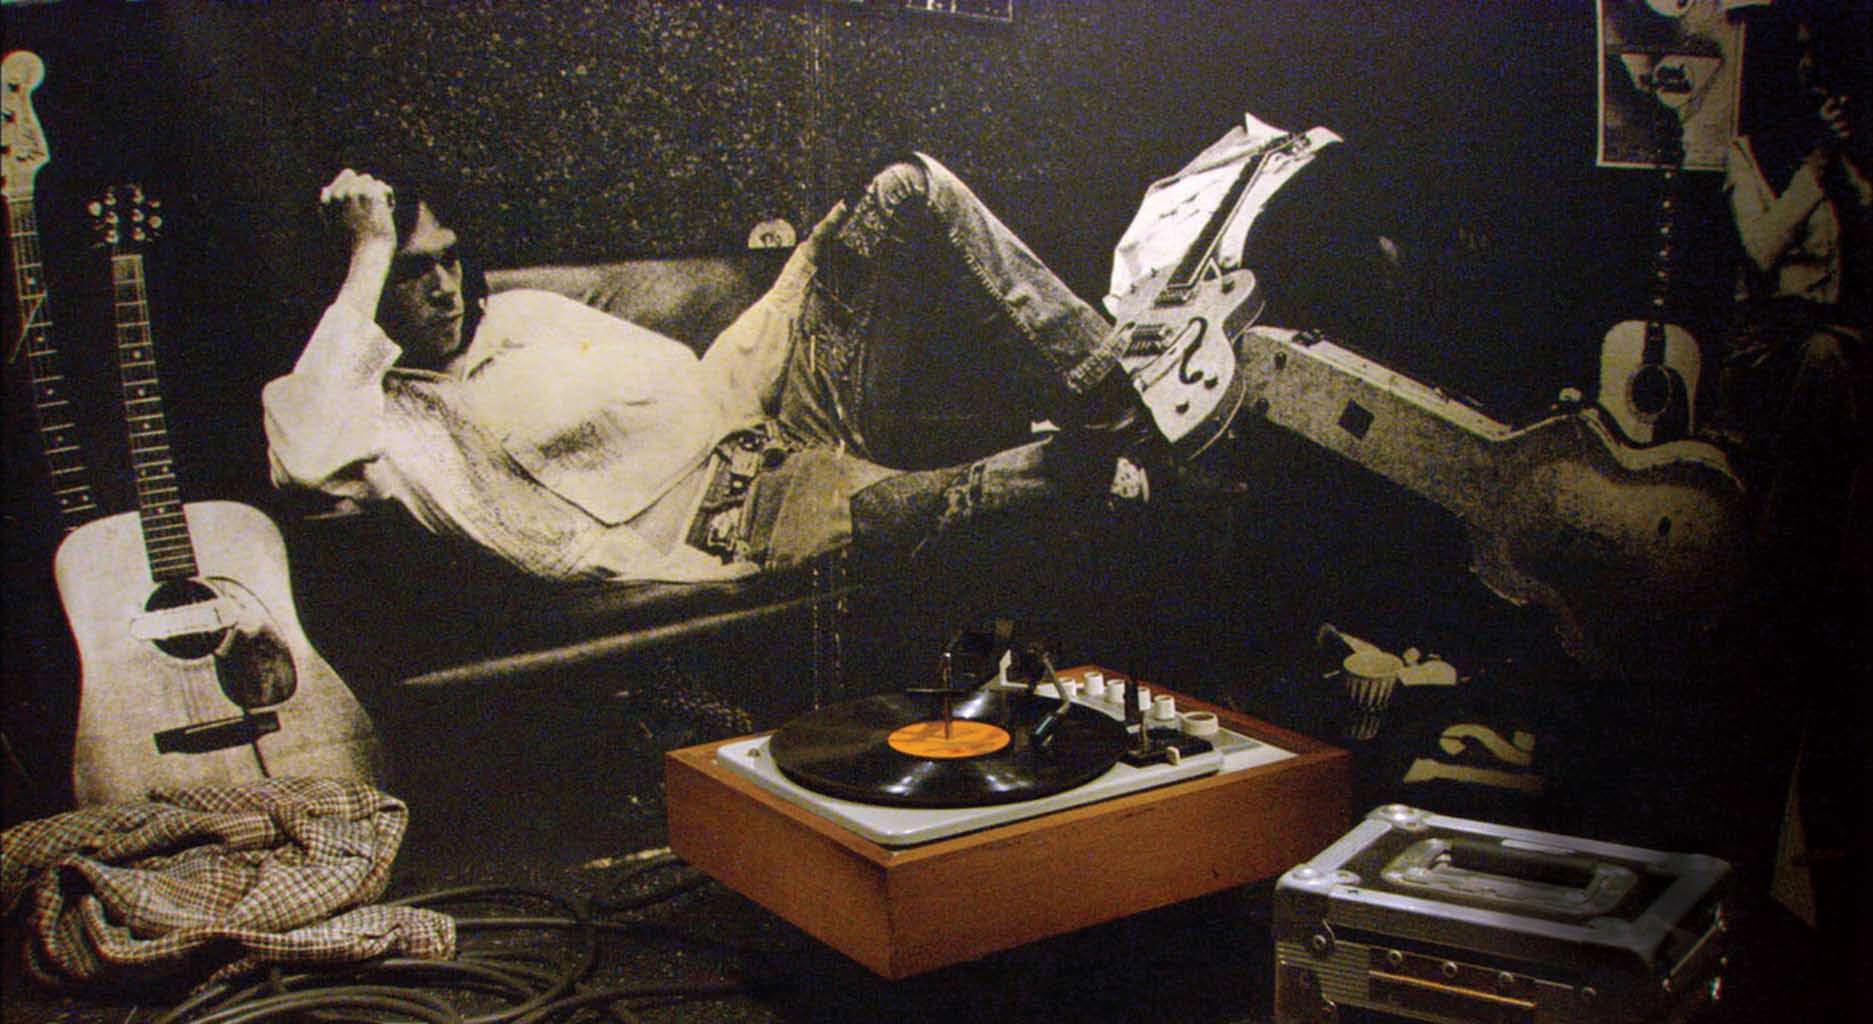 Record Review: Neil Young Harvest - 2009 Reprise Vinyl LP 33rpm (Chris Bellman)